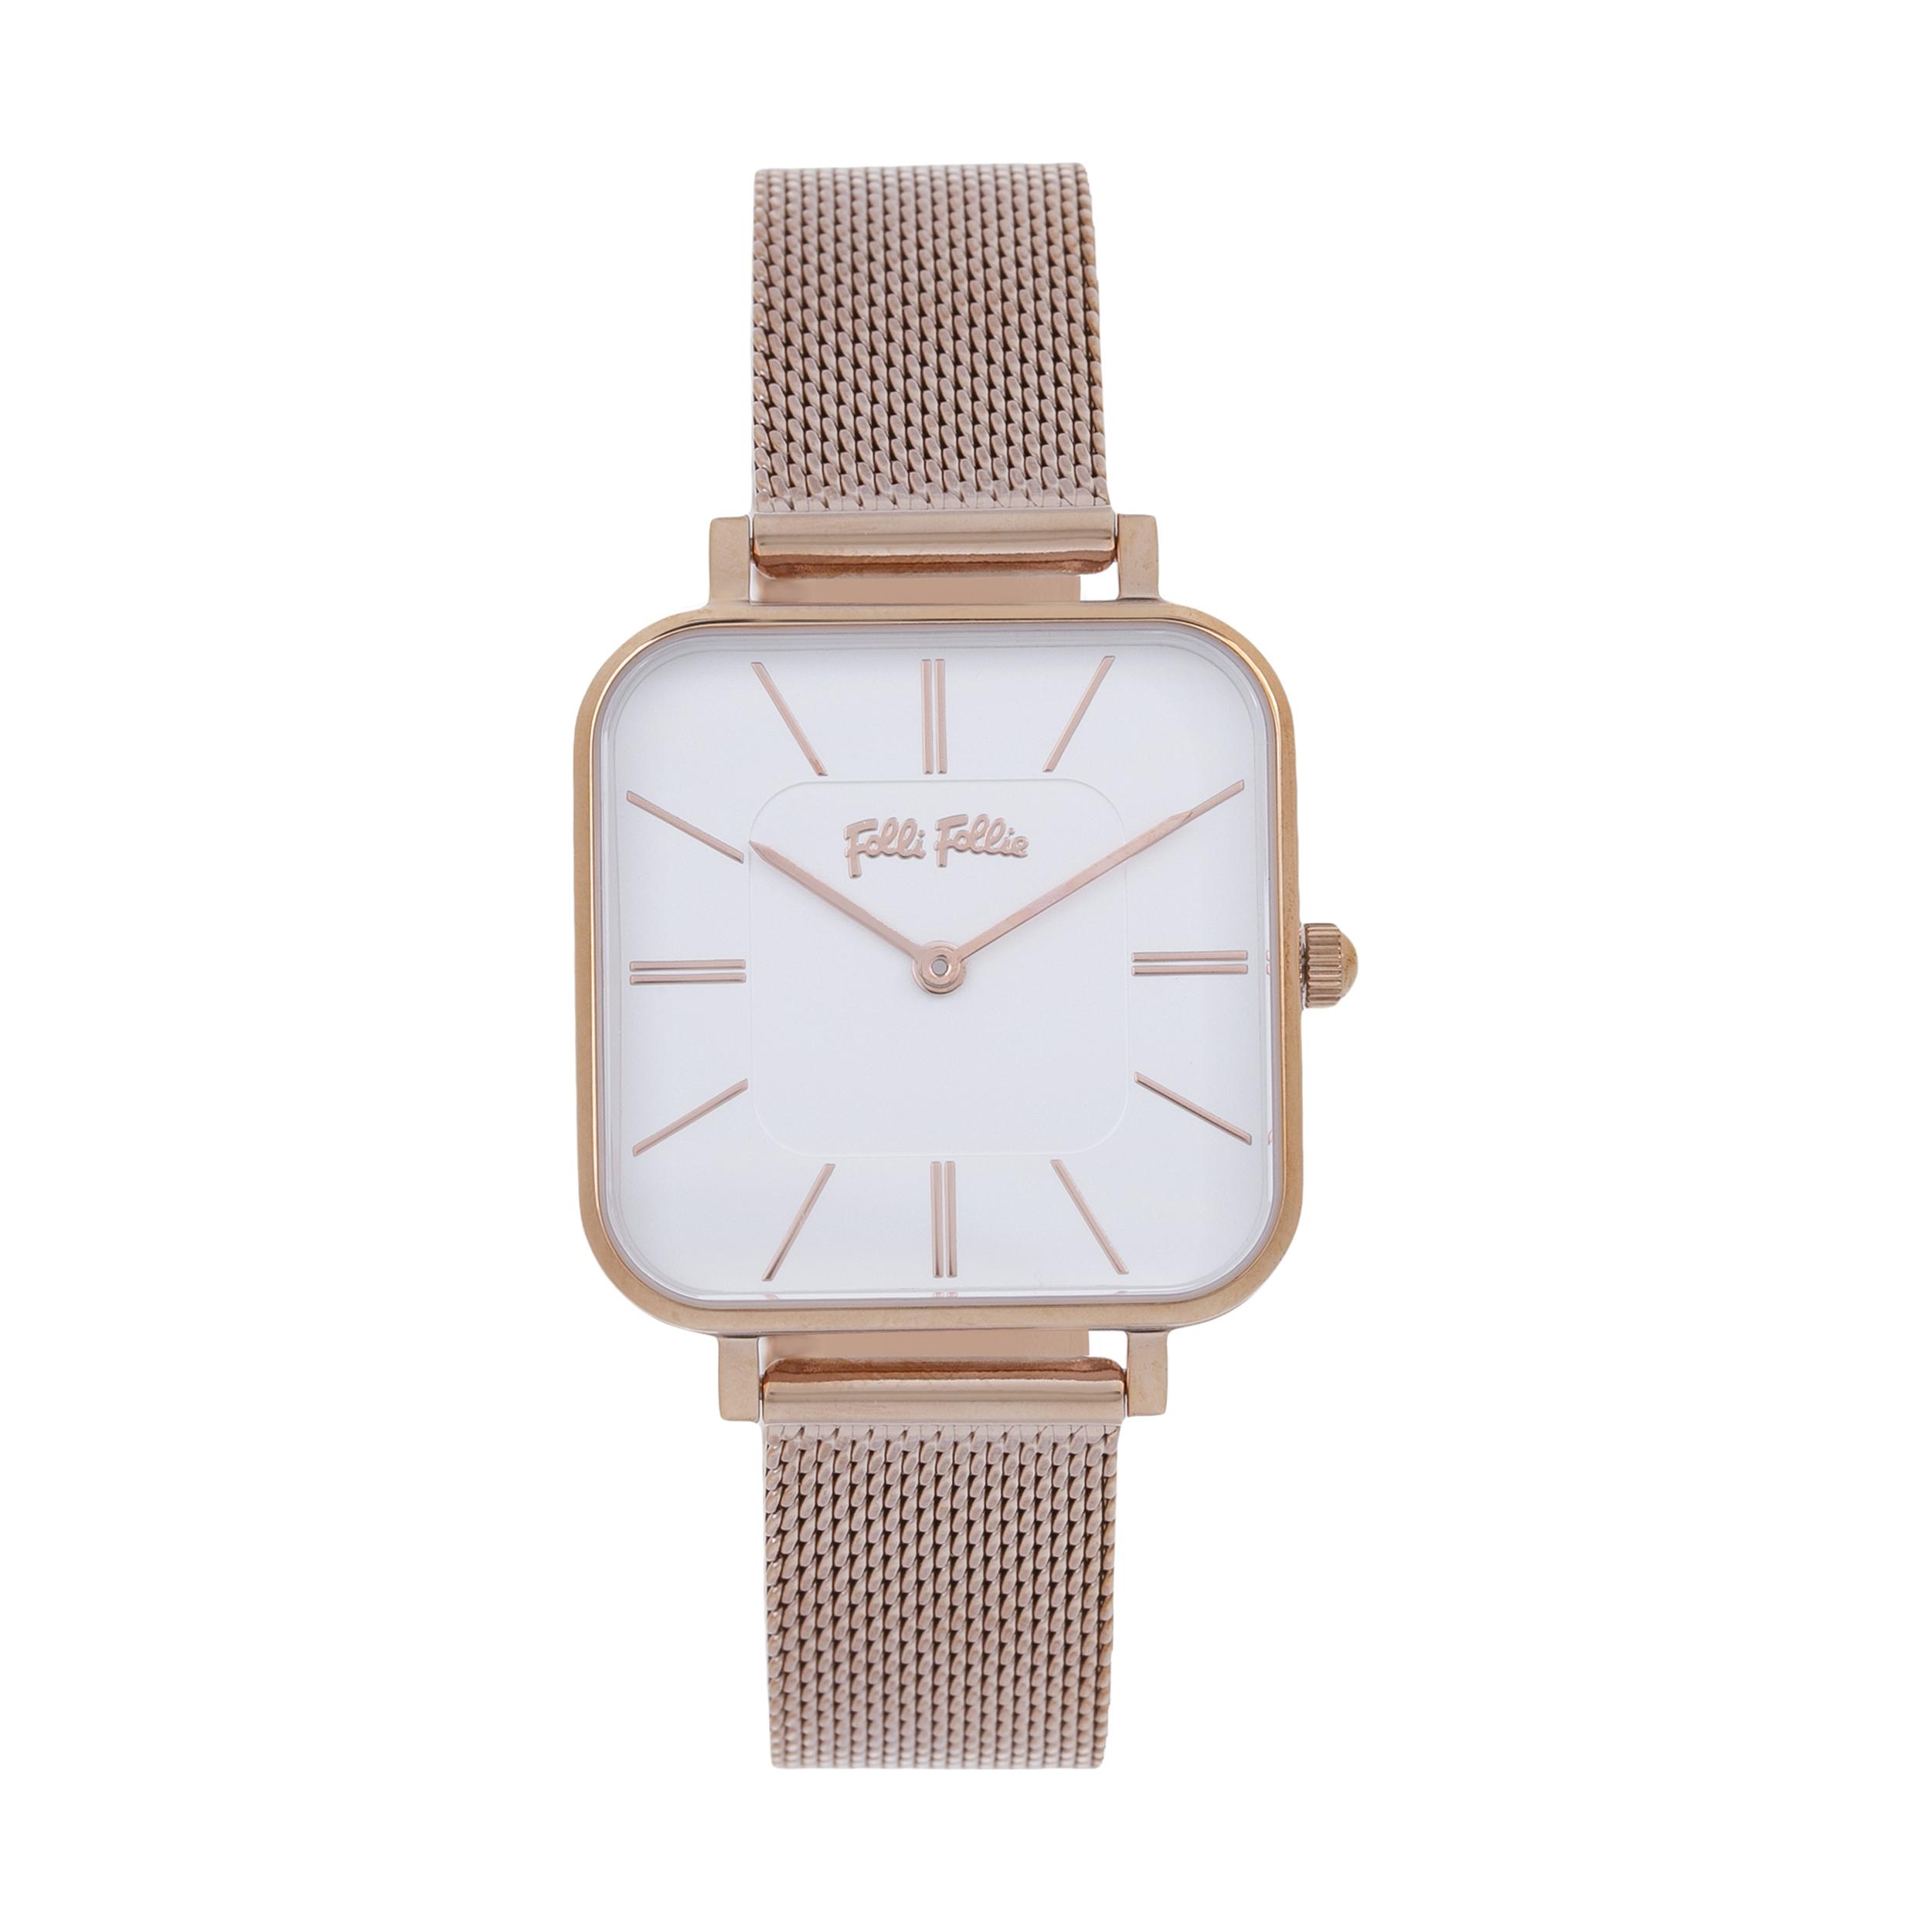 ساعت مچی عقربه ای زنانه فولی فولیه مدل WF18R007BPC (بدون جعبه اورجینال)              خرید (⭐️⭐️⭐️)